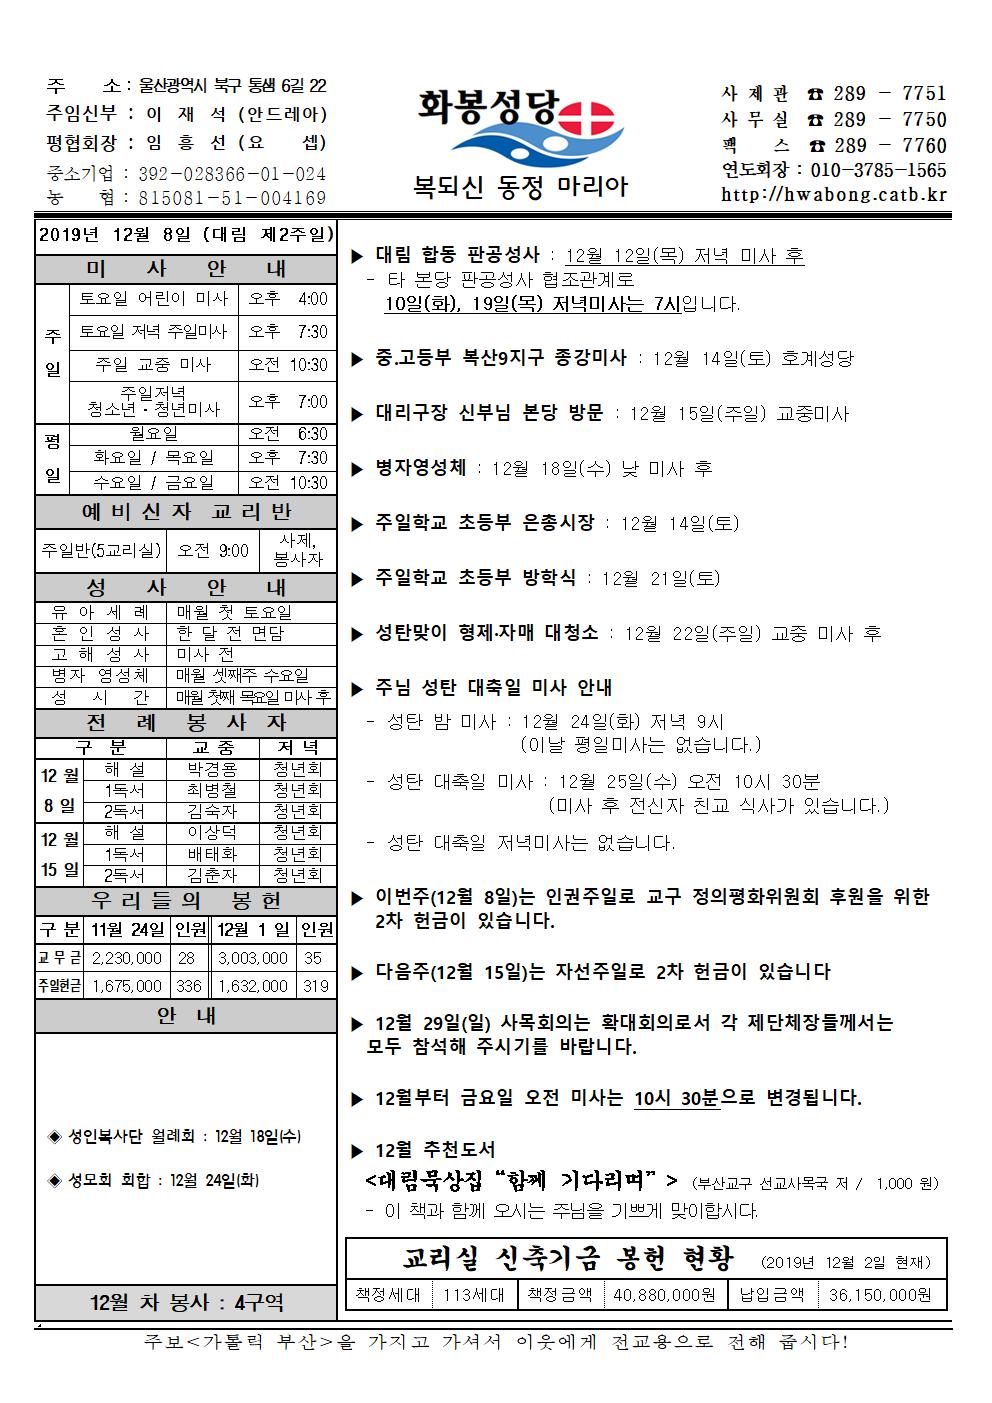 화봉성당20191208주보.png